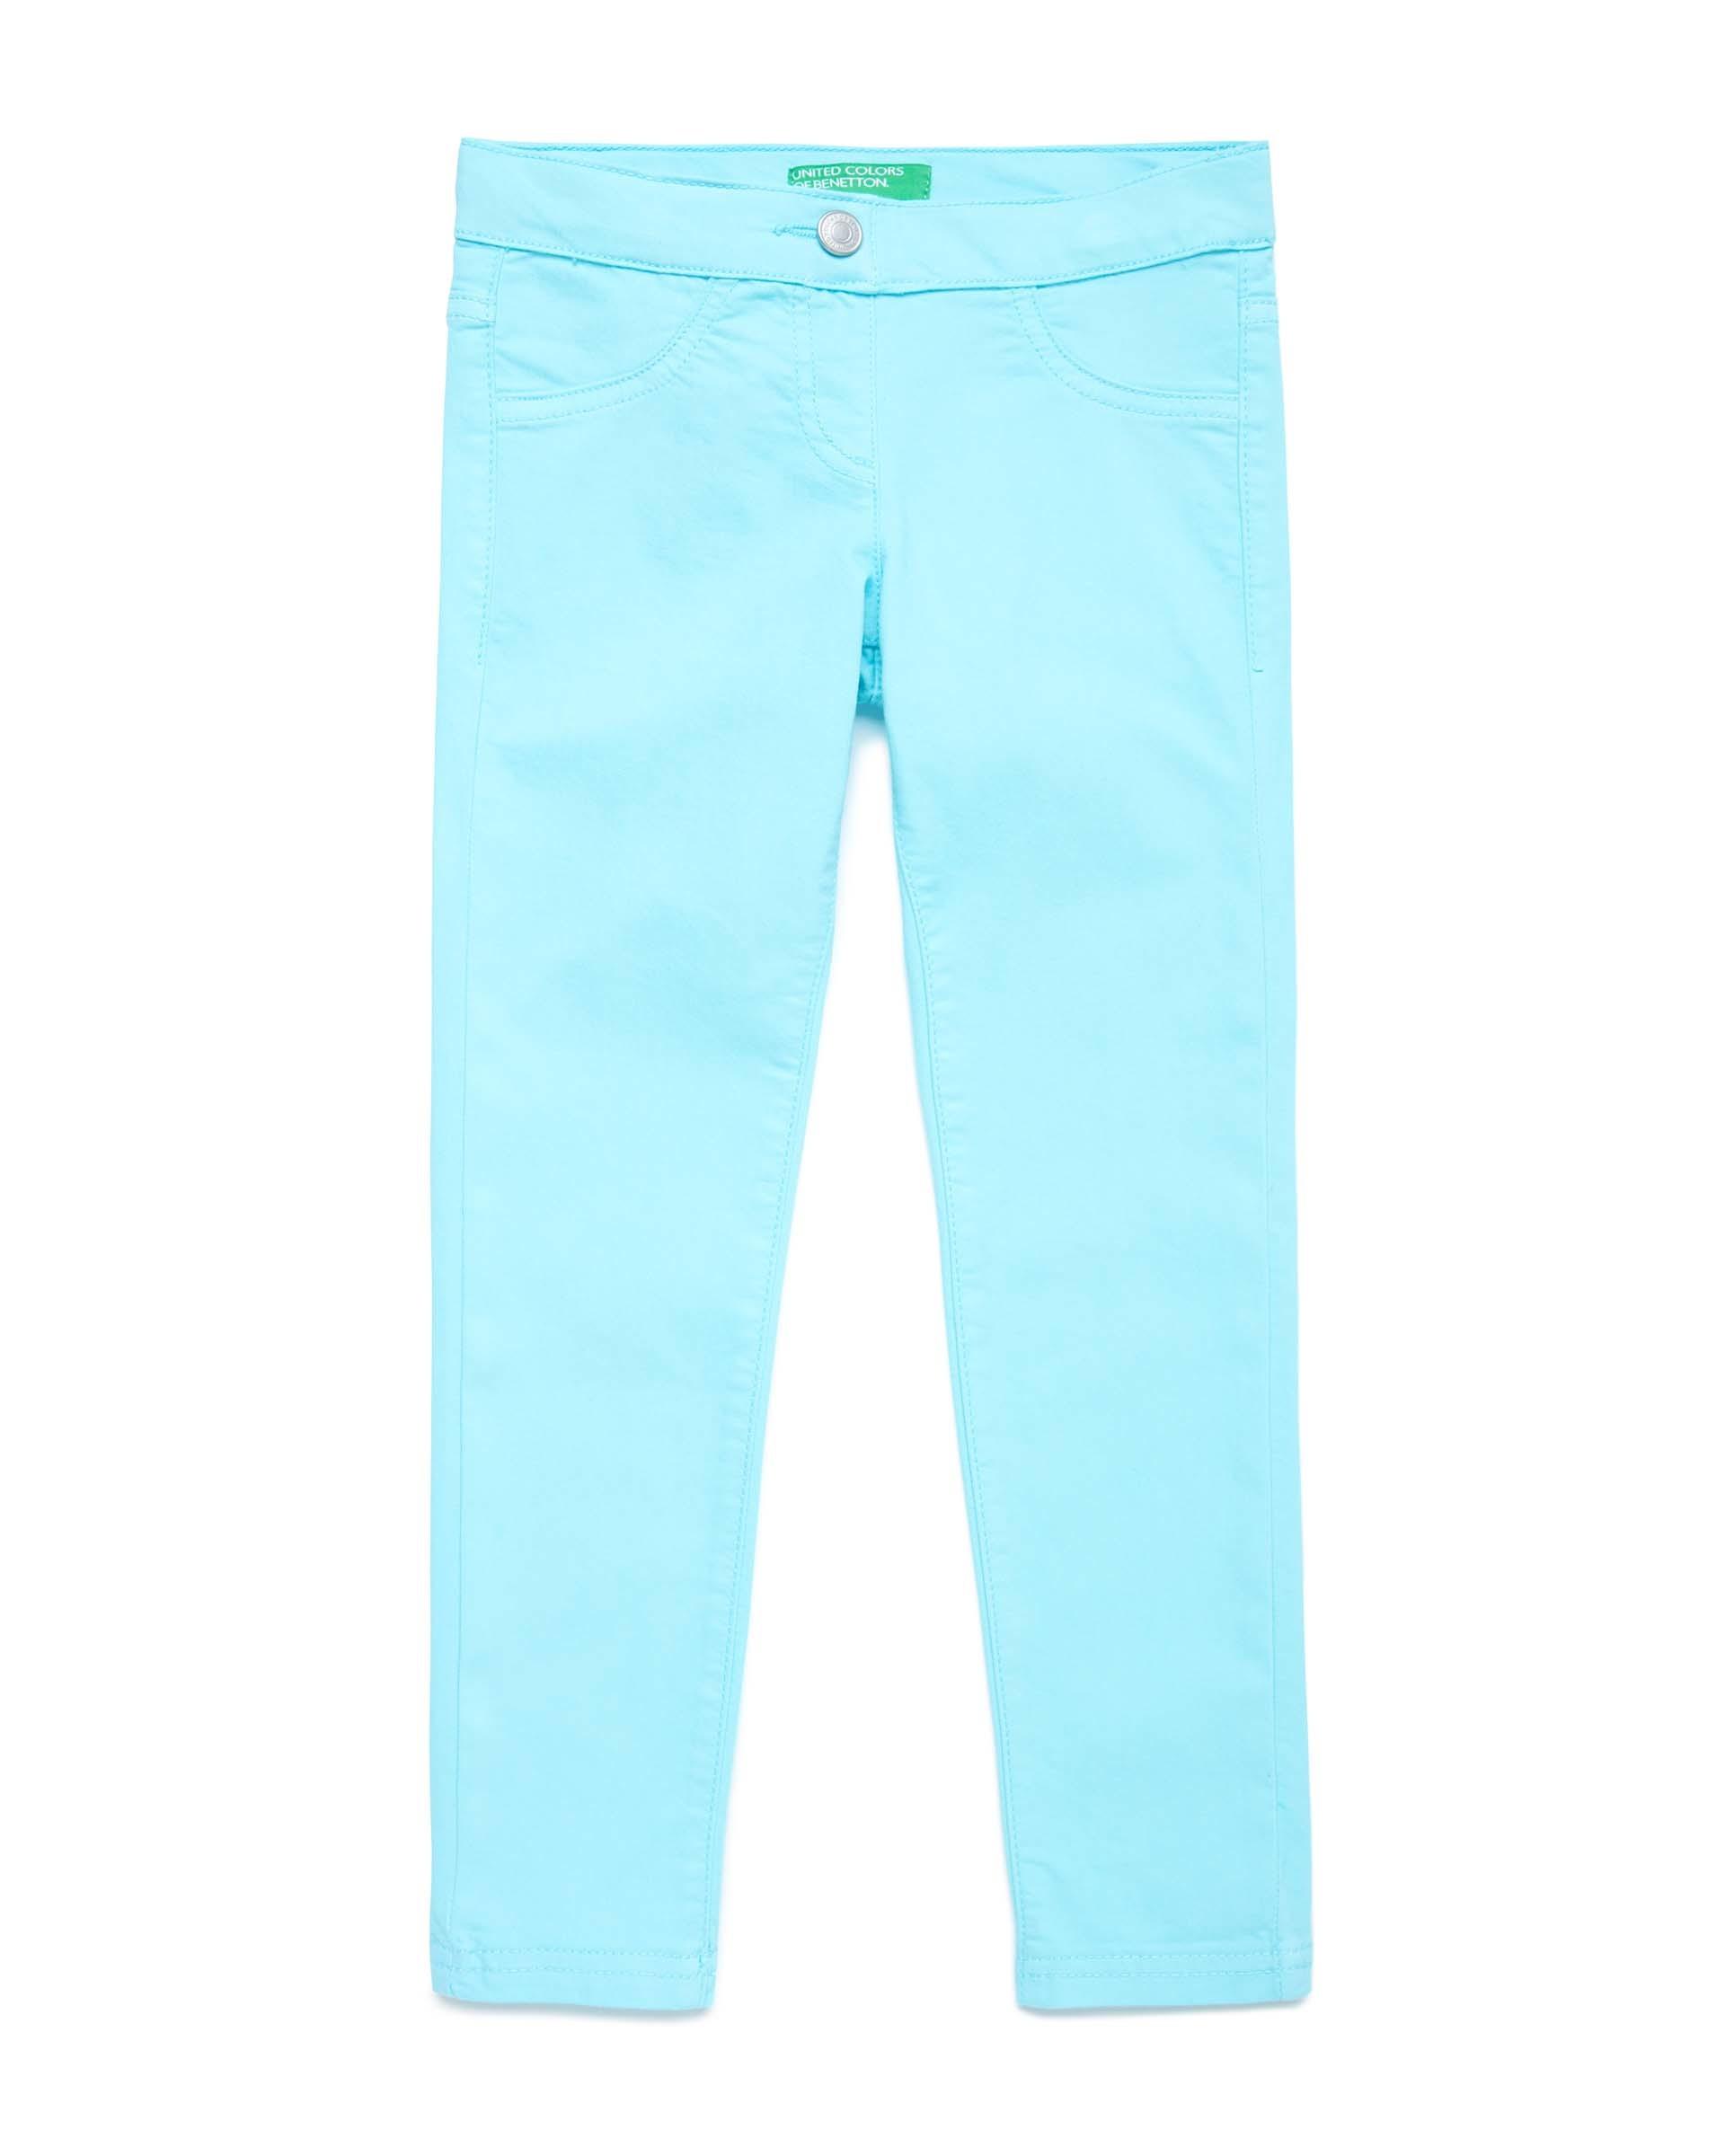 Купить 20P_4U4057I20_0Z8, Эластичные брюки для девочек Benetton 4U4057I20_0Z8 р-р 80, United Colors of Benetton, Шорты и брюки для новорожденных